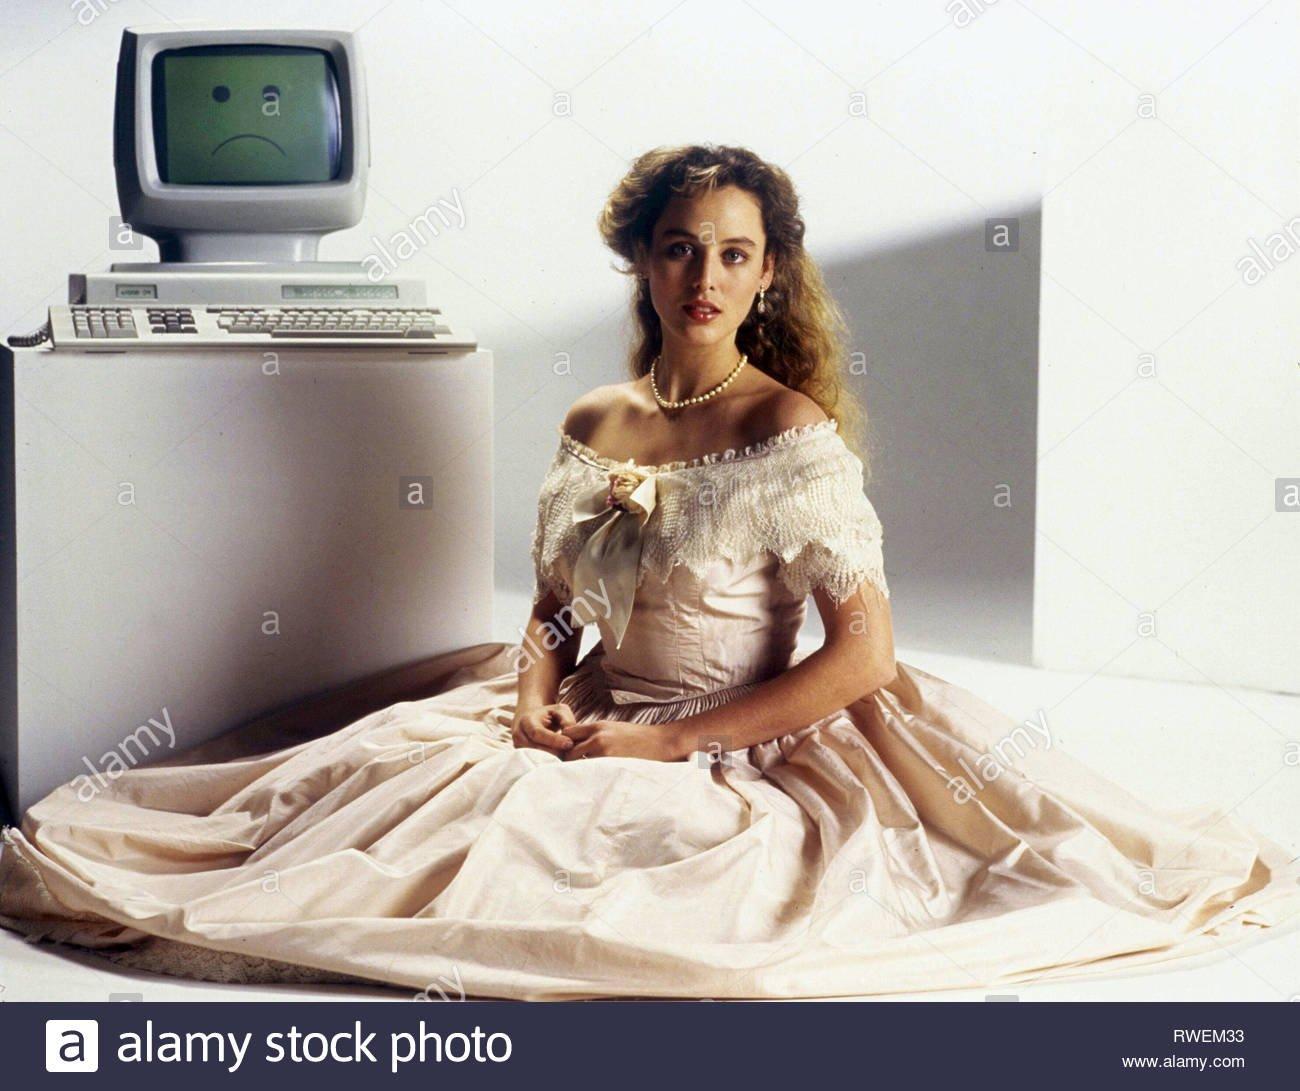 virginia-madsen-electric-dreams-1984-RWEM33.jpg